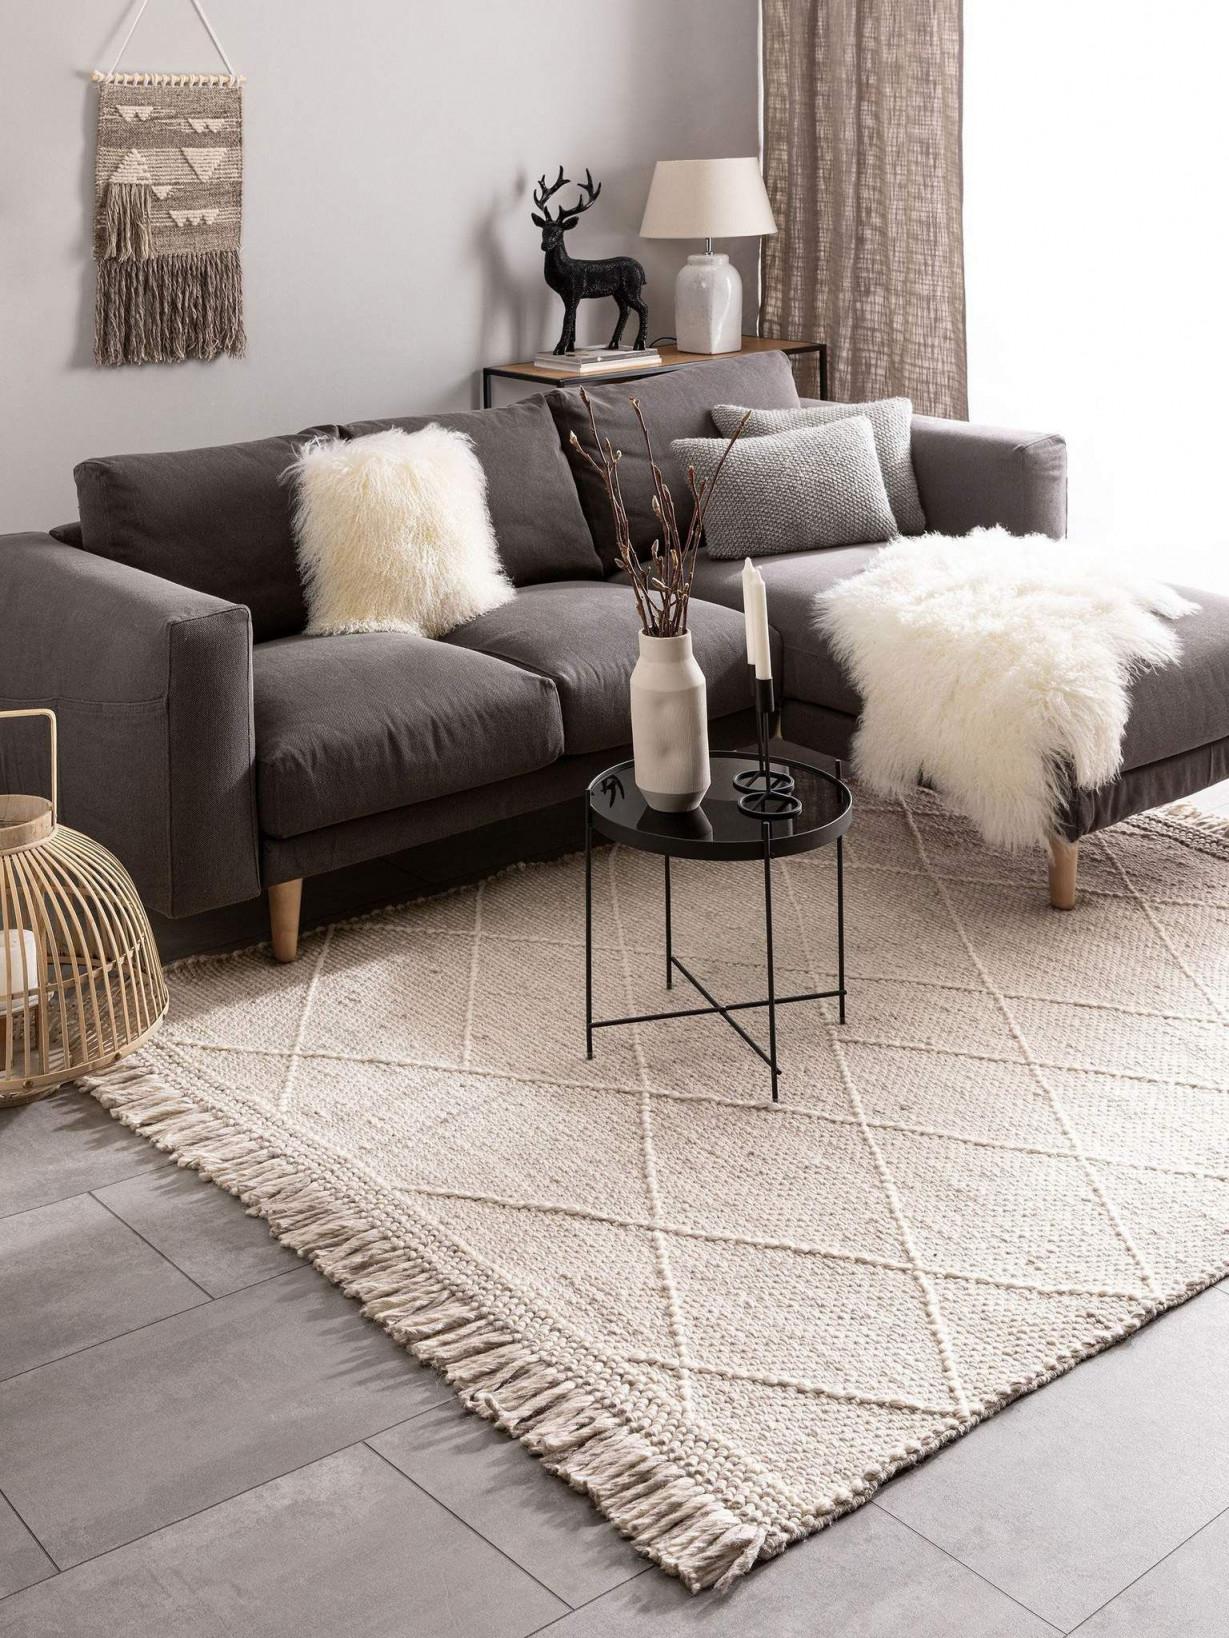 Teppich Daphne Wollteppich Beige – Carpetz In 2020 von Kleiner Teppich Wohnzimmer Photo